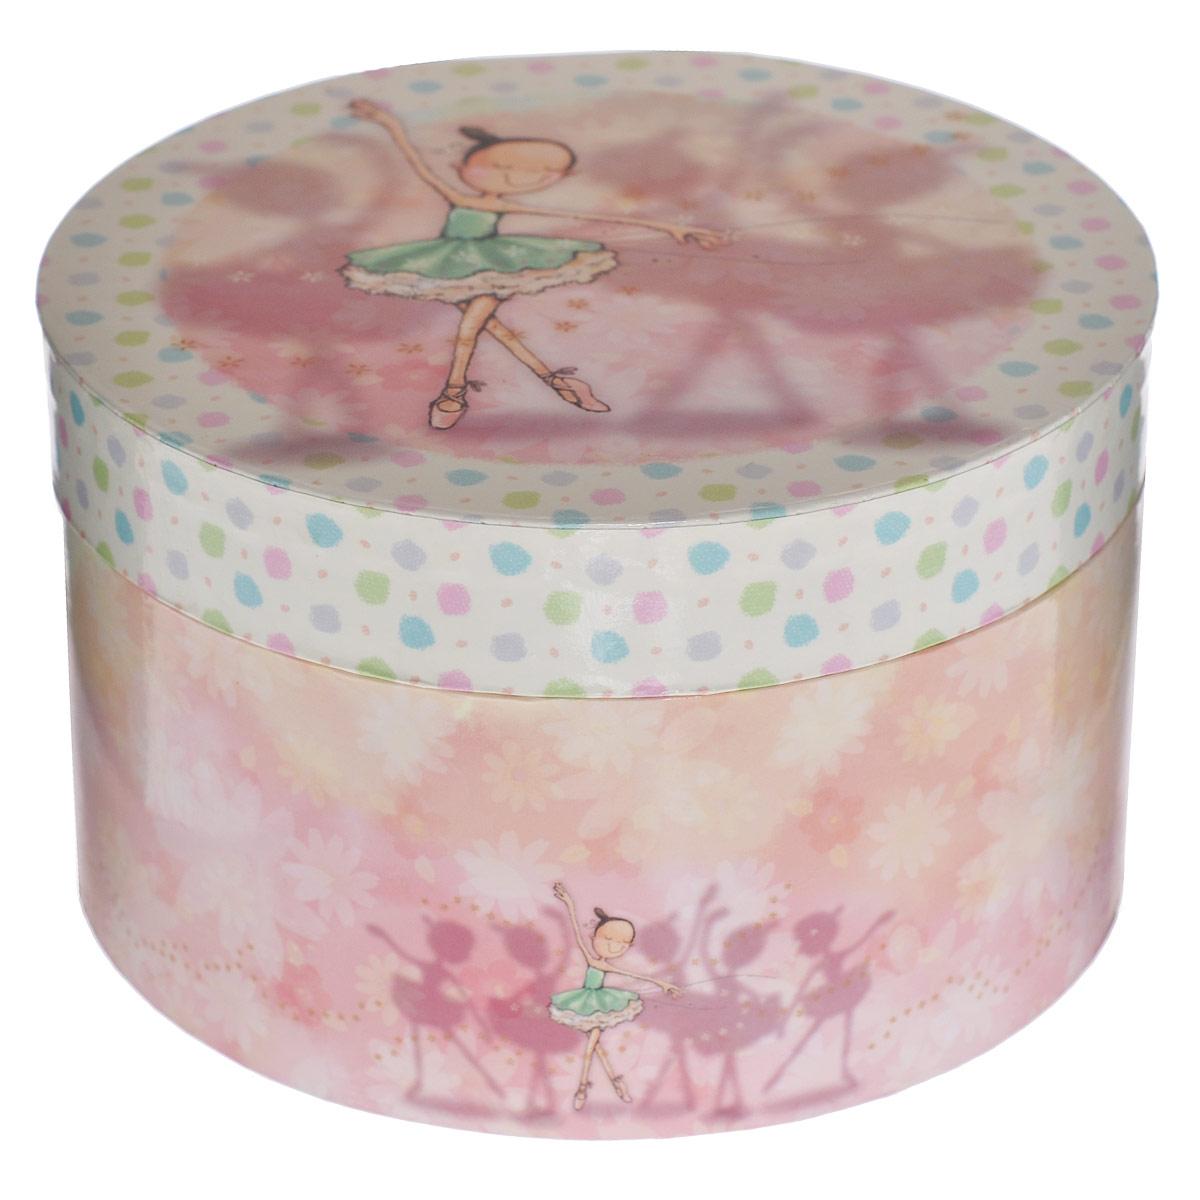 Музыкальная шкатулка Jakos  Балерина , цвет: бежевый, розовый -  Предметы интерьера